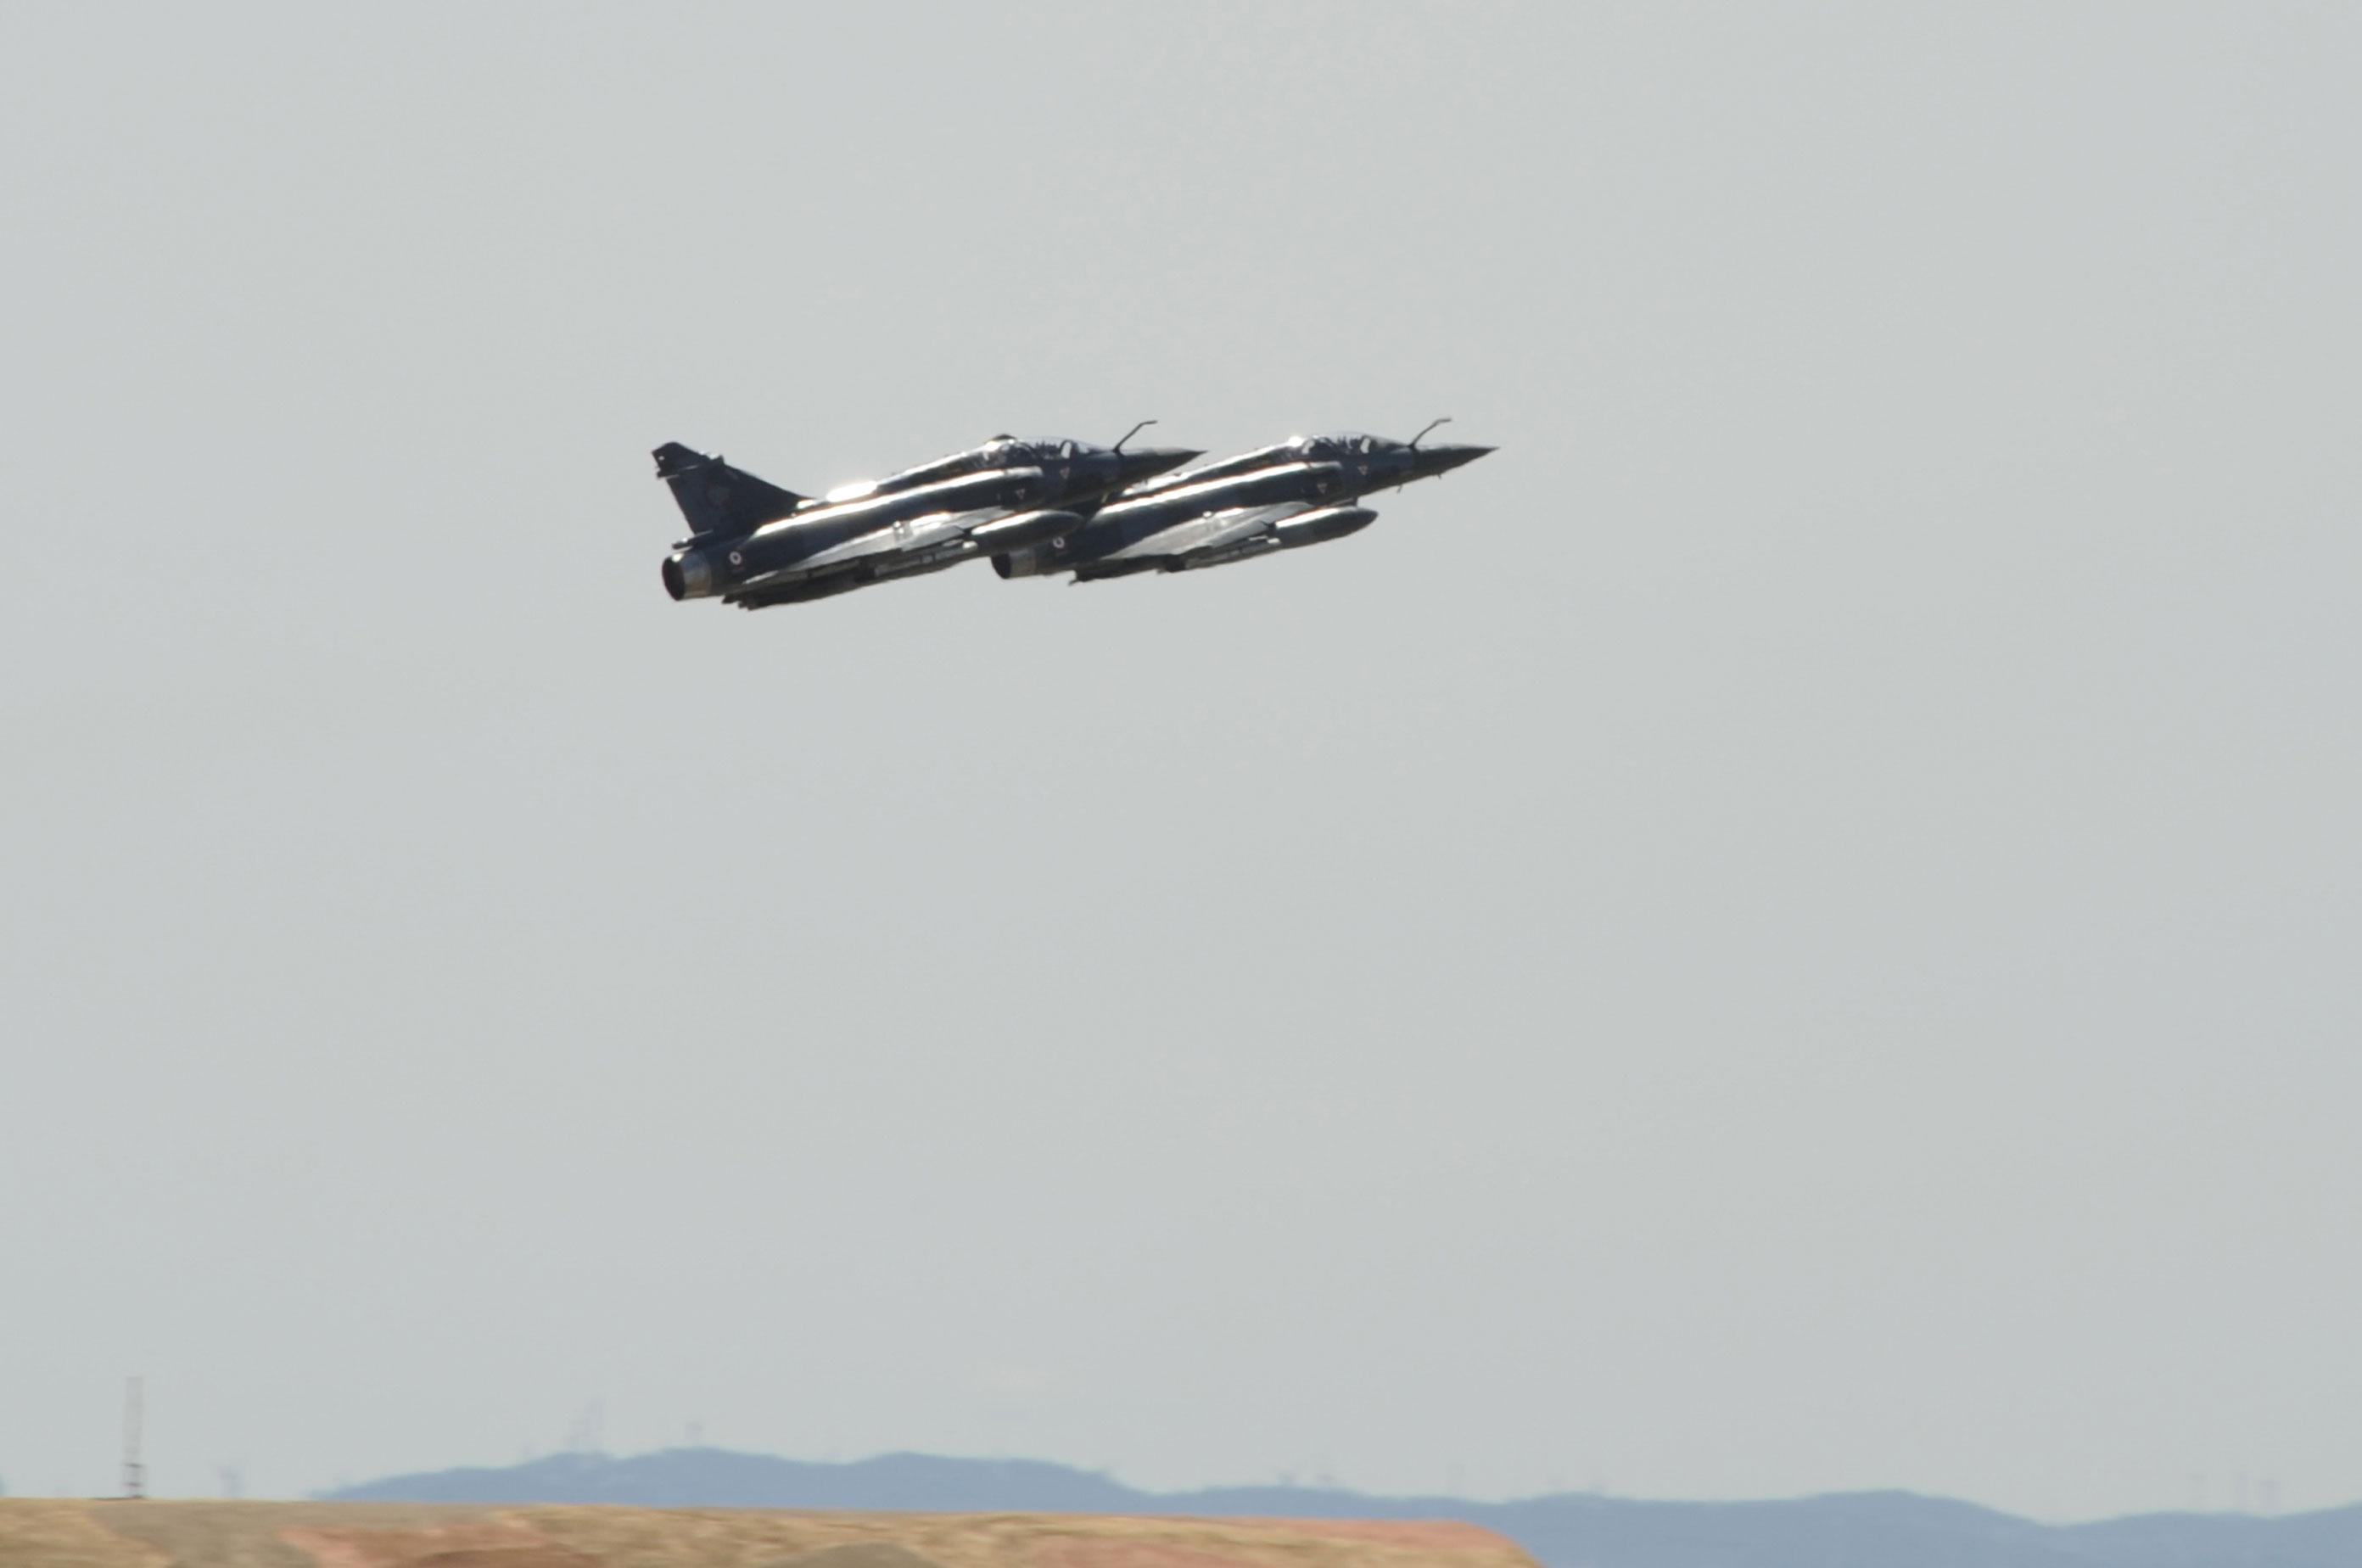 TLP abril - maio em Albacete - foto 3 Ejercito del Aire